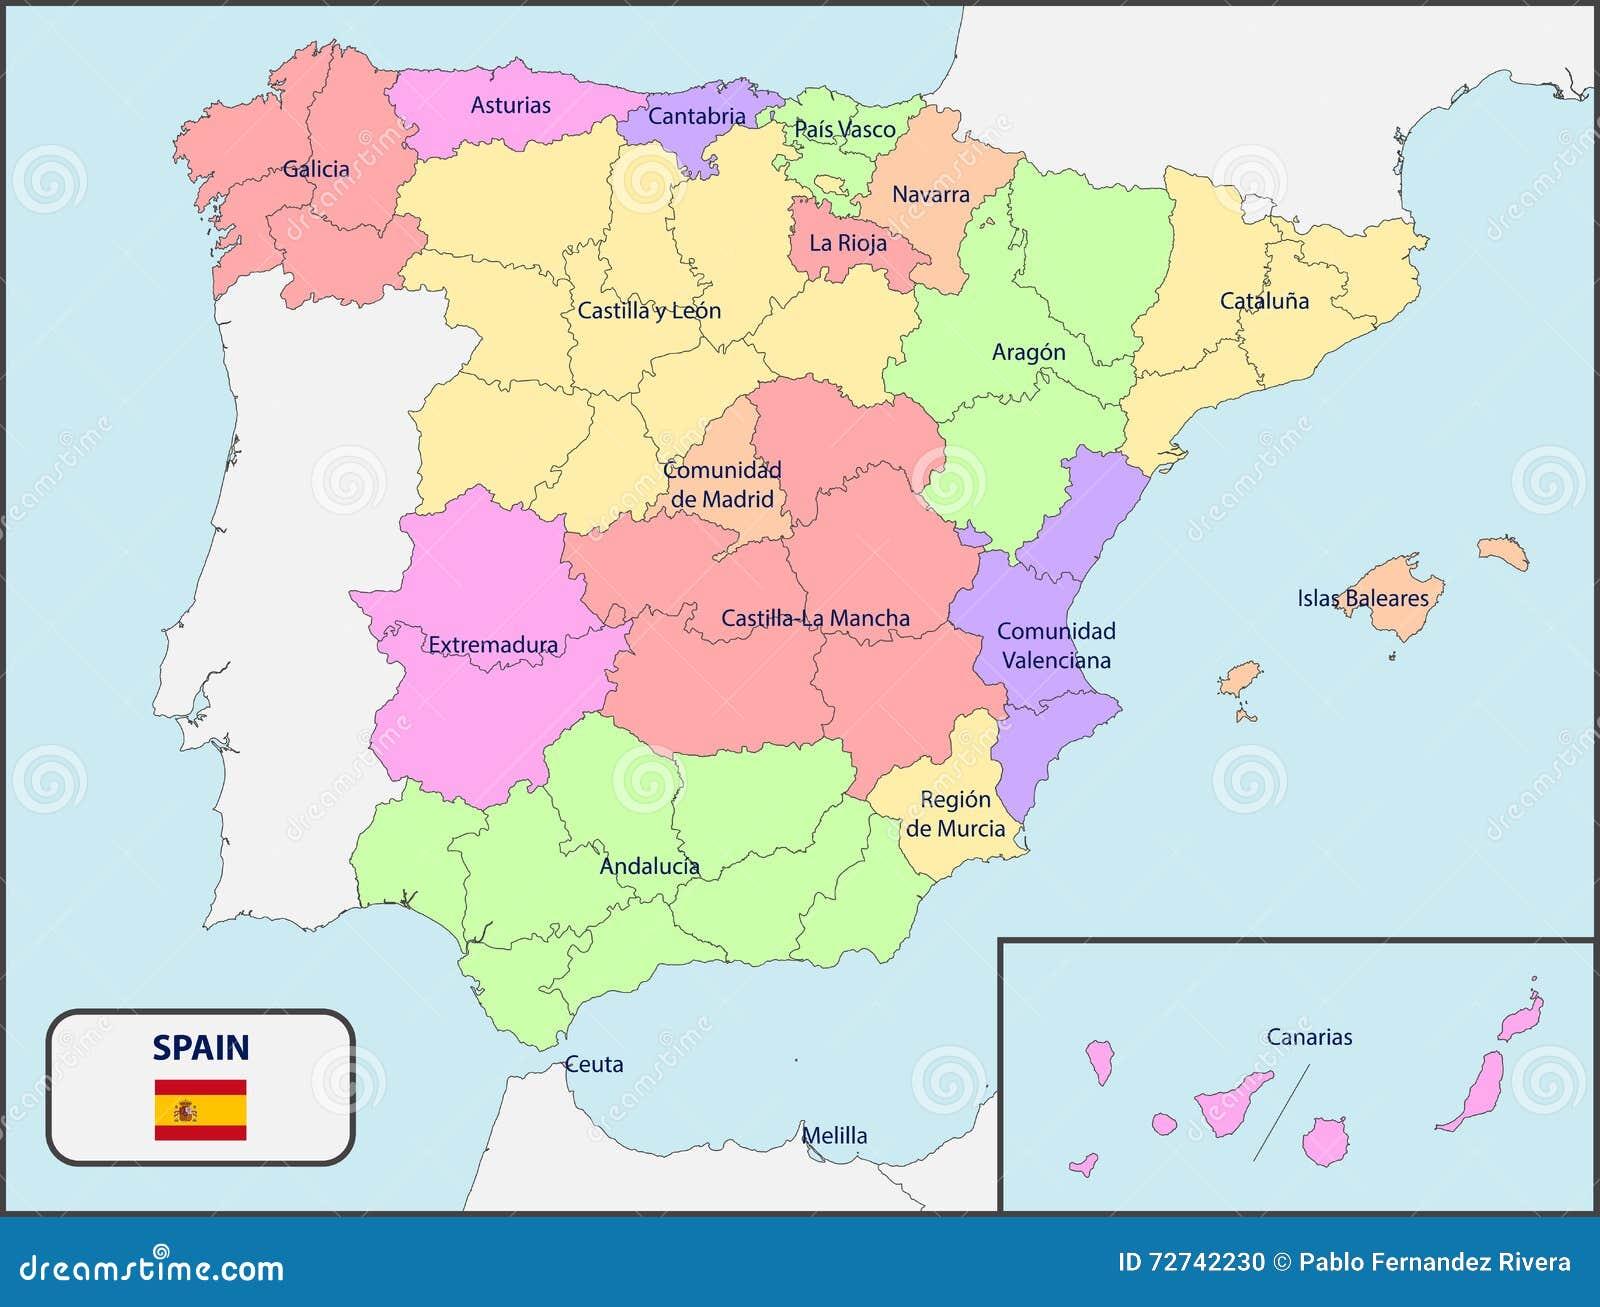 mapa politico de espanha Mapa Político Da Espanha Nomes Ilustração do Vetor  mapa politico de espanha